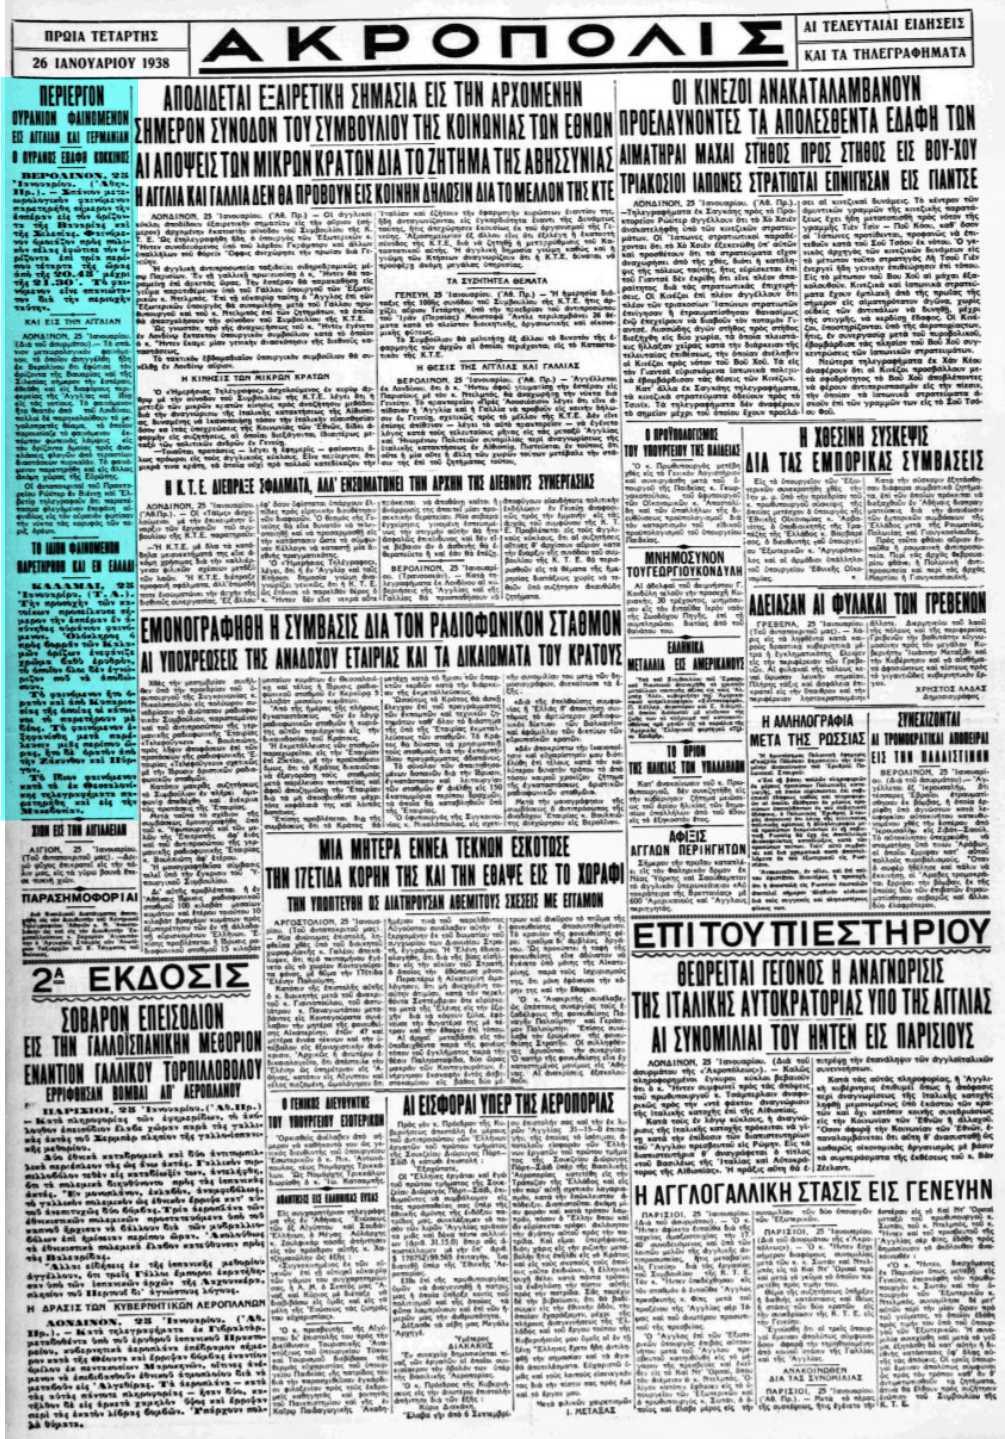 """Το άρθρο, όπως δημοσιεύθηκε στην εφημερίδα """"ΑΚΡΟΠΟΛΙΣ"""", στις 26/01/1938"""